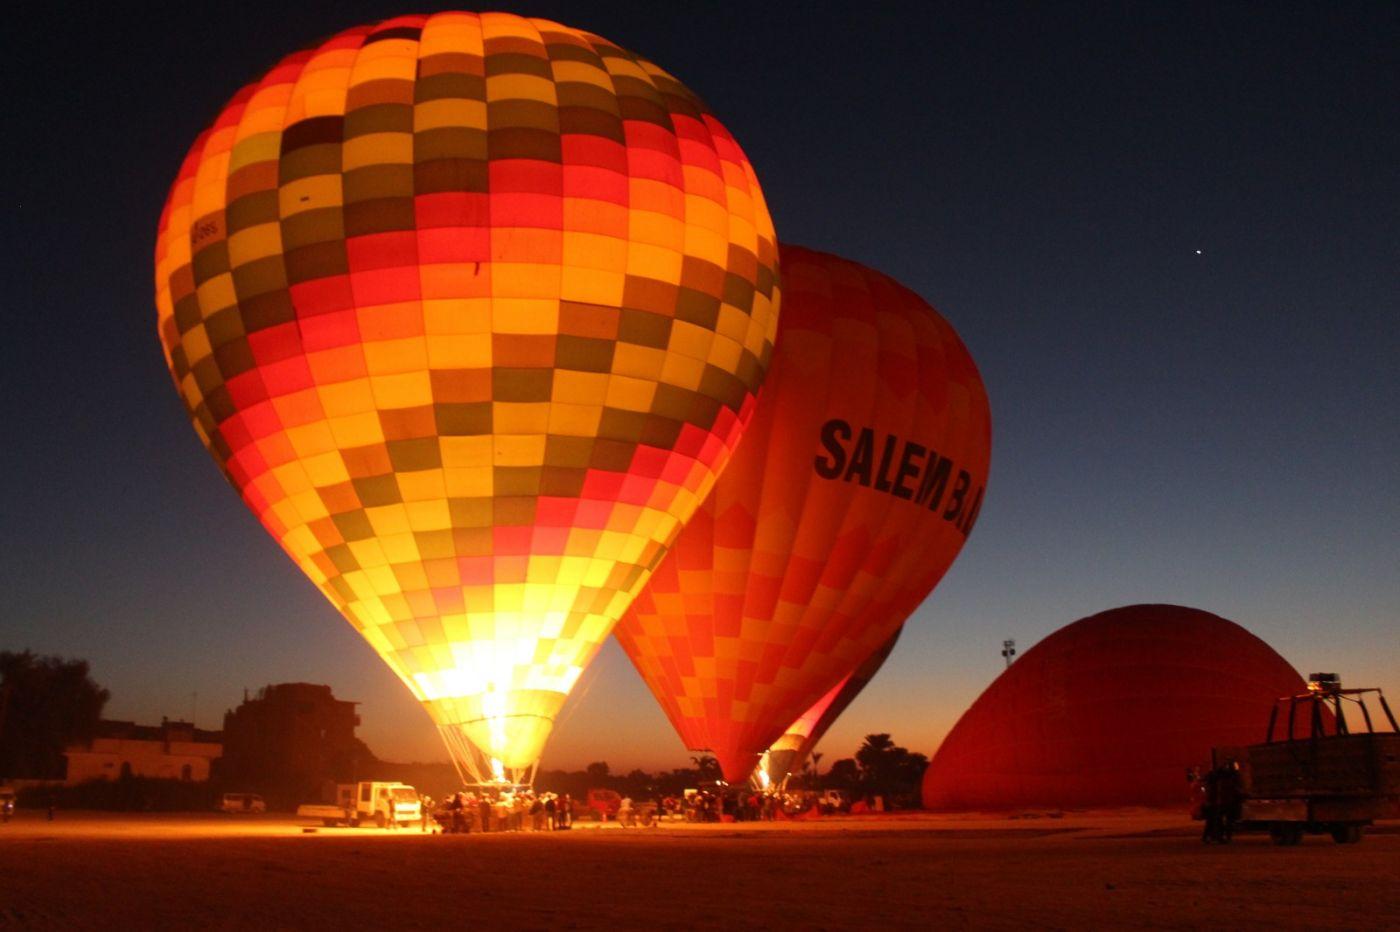 卢克索坐热气球观日出_图1-10